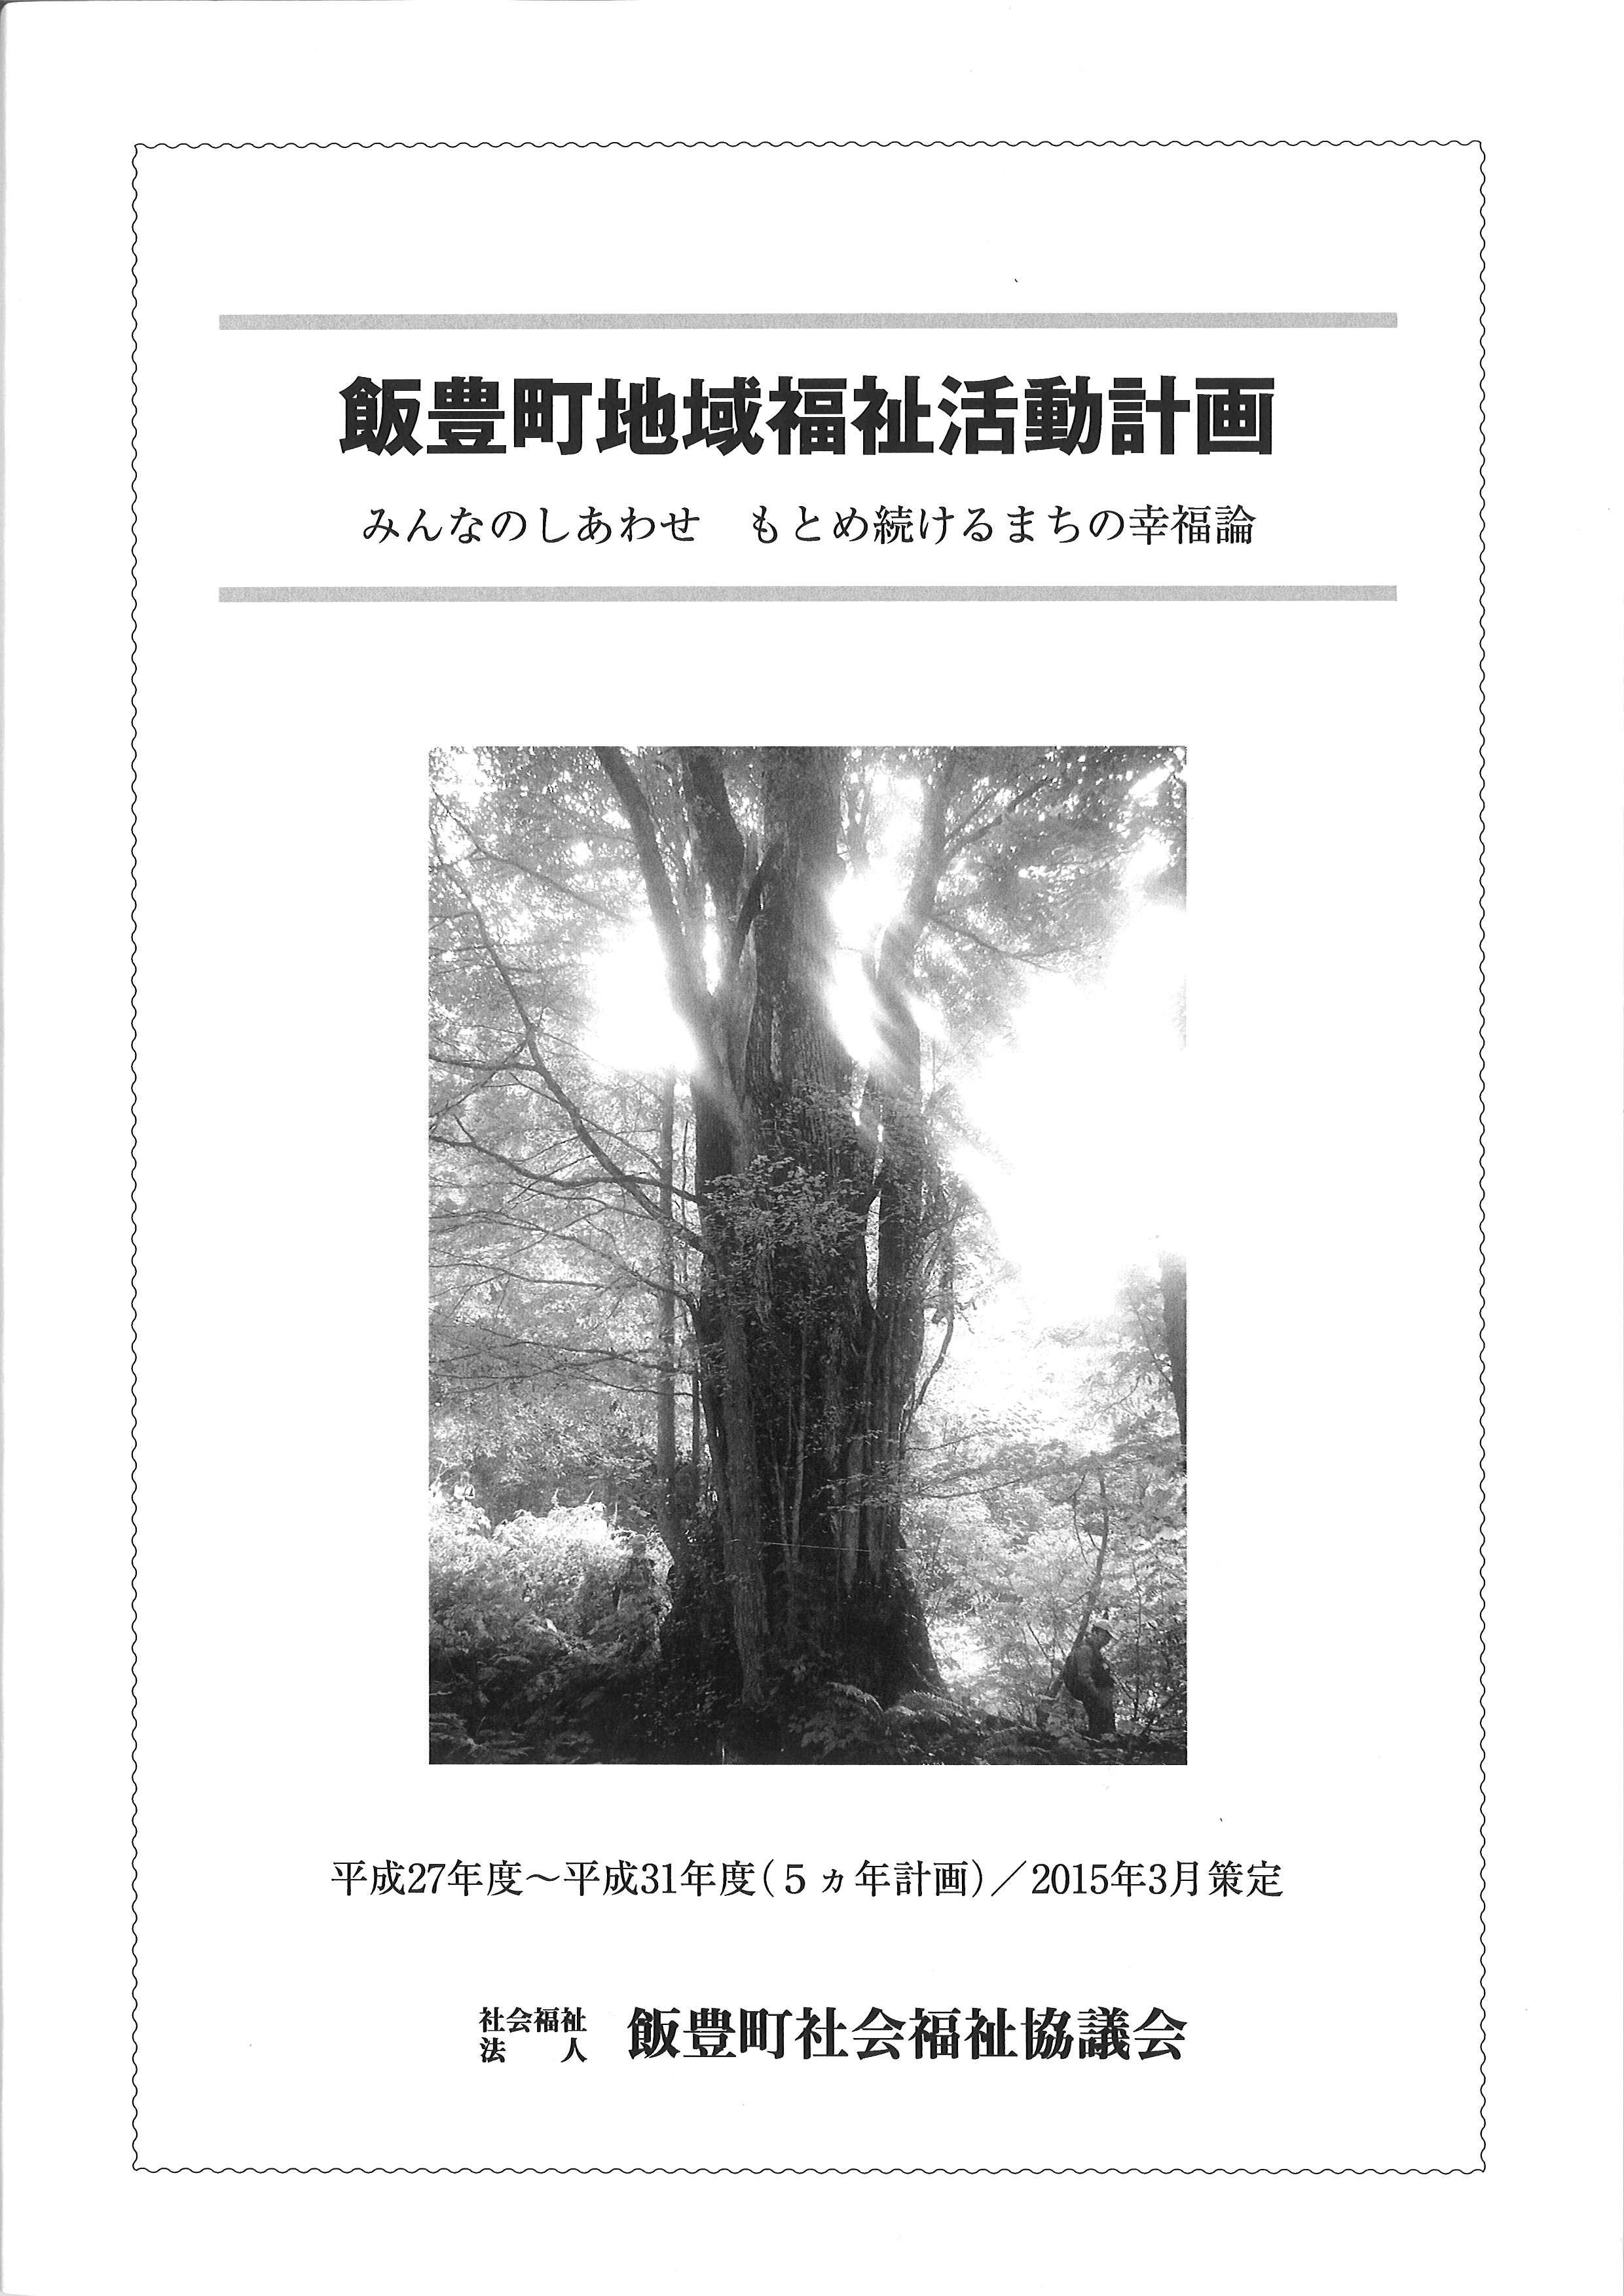 飯豊町地域福祉活動計画が策定されました:画像